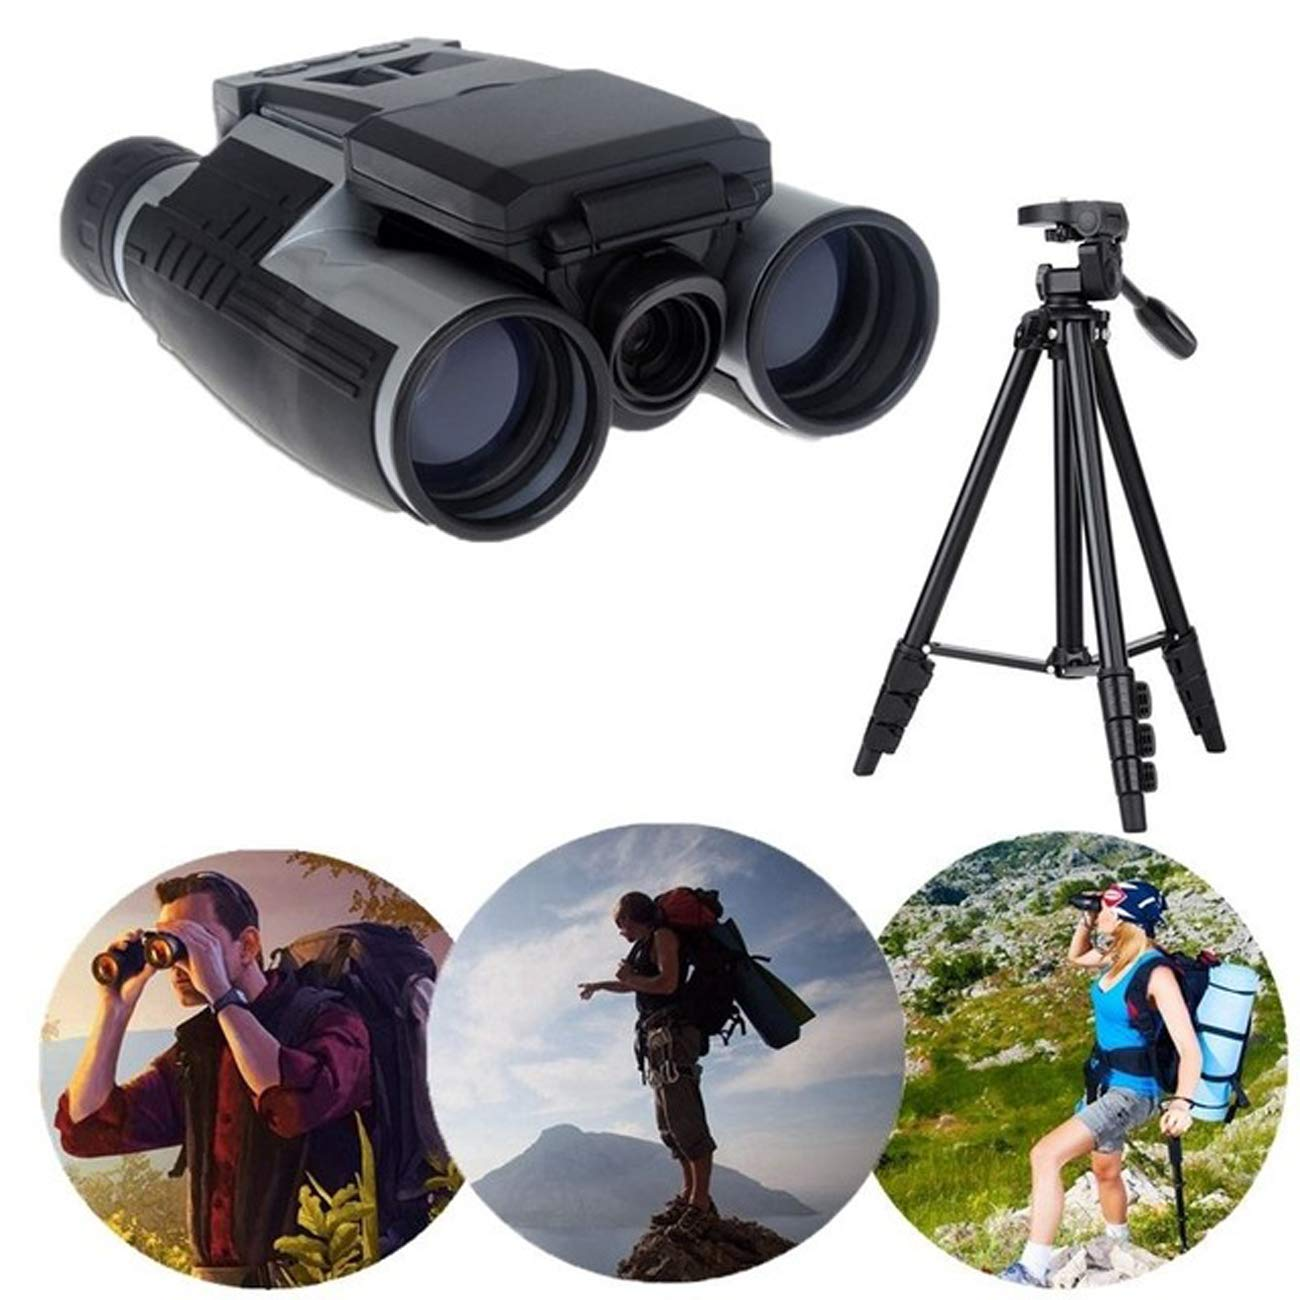 開店記念セール! LCD 1080Pビデオレコーディング12X32ズームデジタル望遠鏡双眼鏡+スタンドホルダーハイキングキャンプ用ポータブル望遠鏡 LCD B07M9NPT6N B07M9NPT6N, イイデマチ:1452a23c --- a0267596.xsph.ru